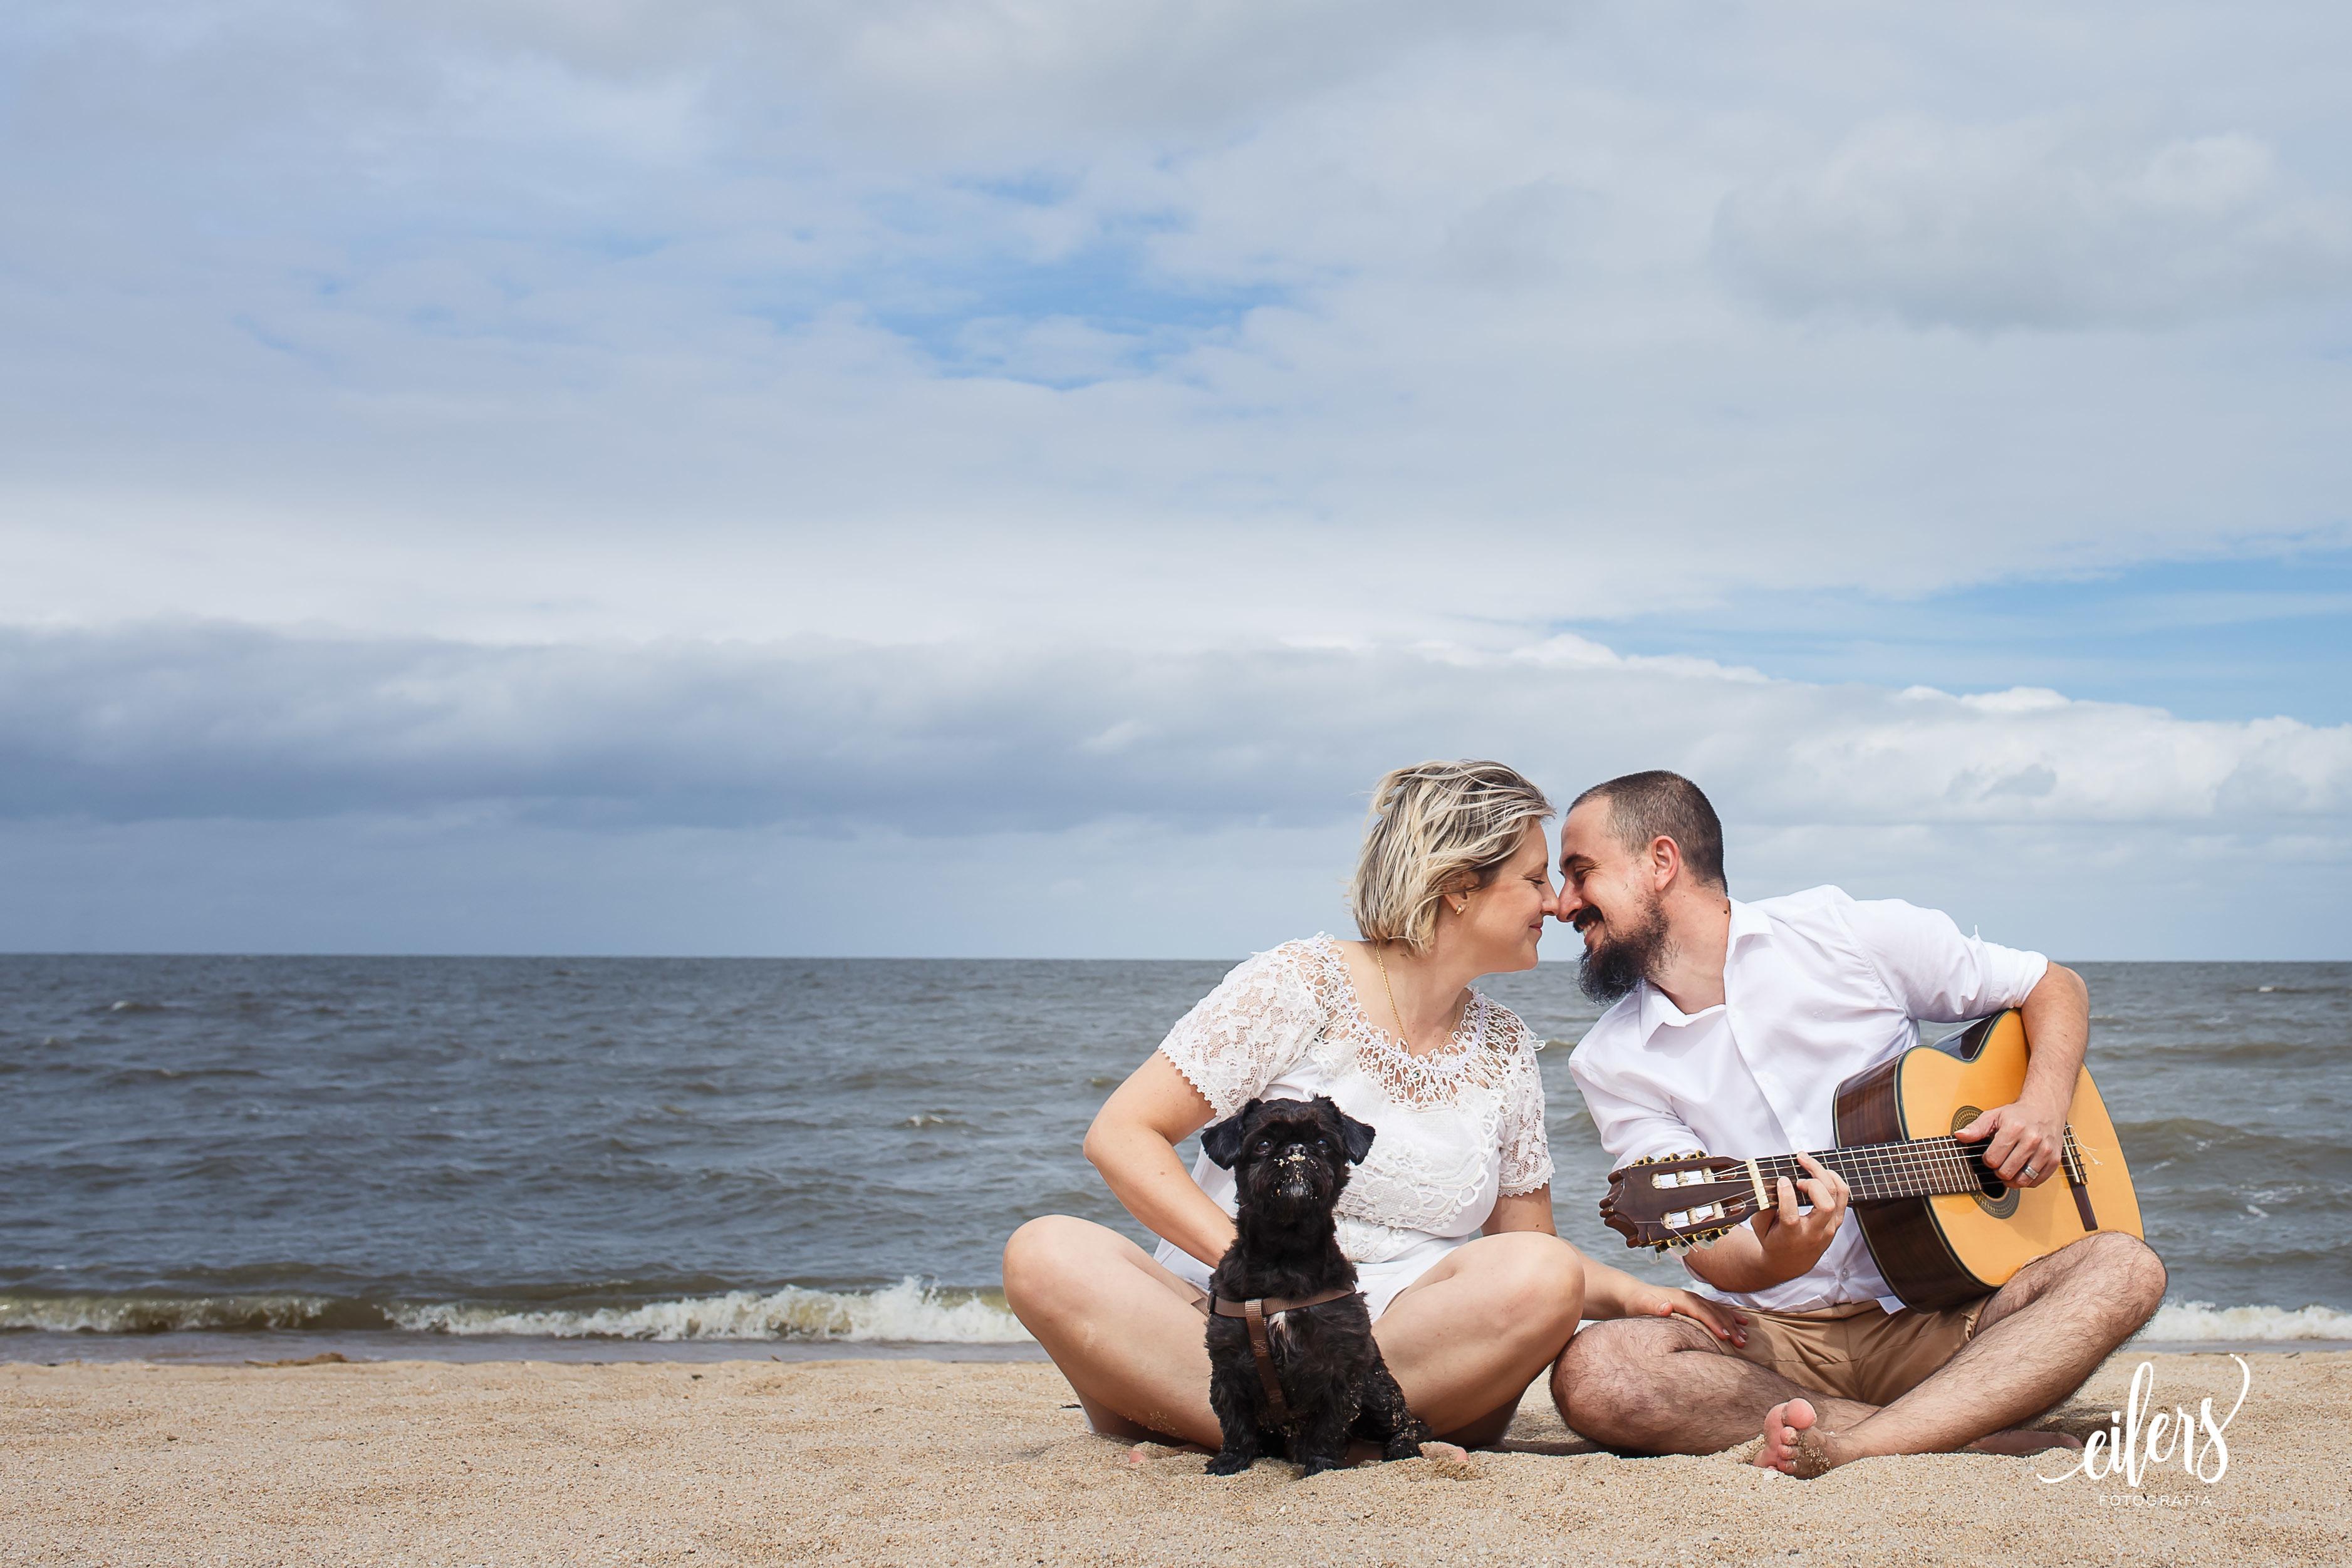 Sobre Fotografia de Casamento Família Eventos em Pelotas e Uruguai